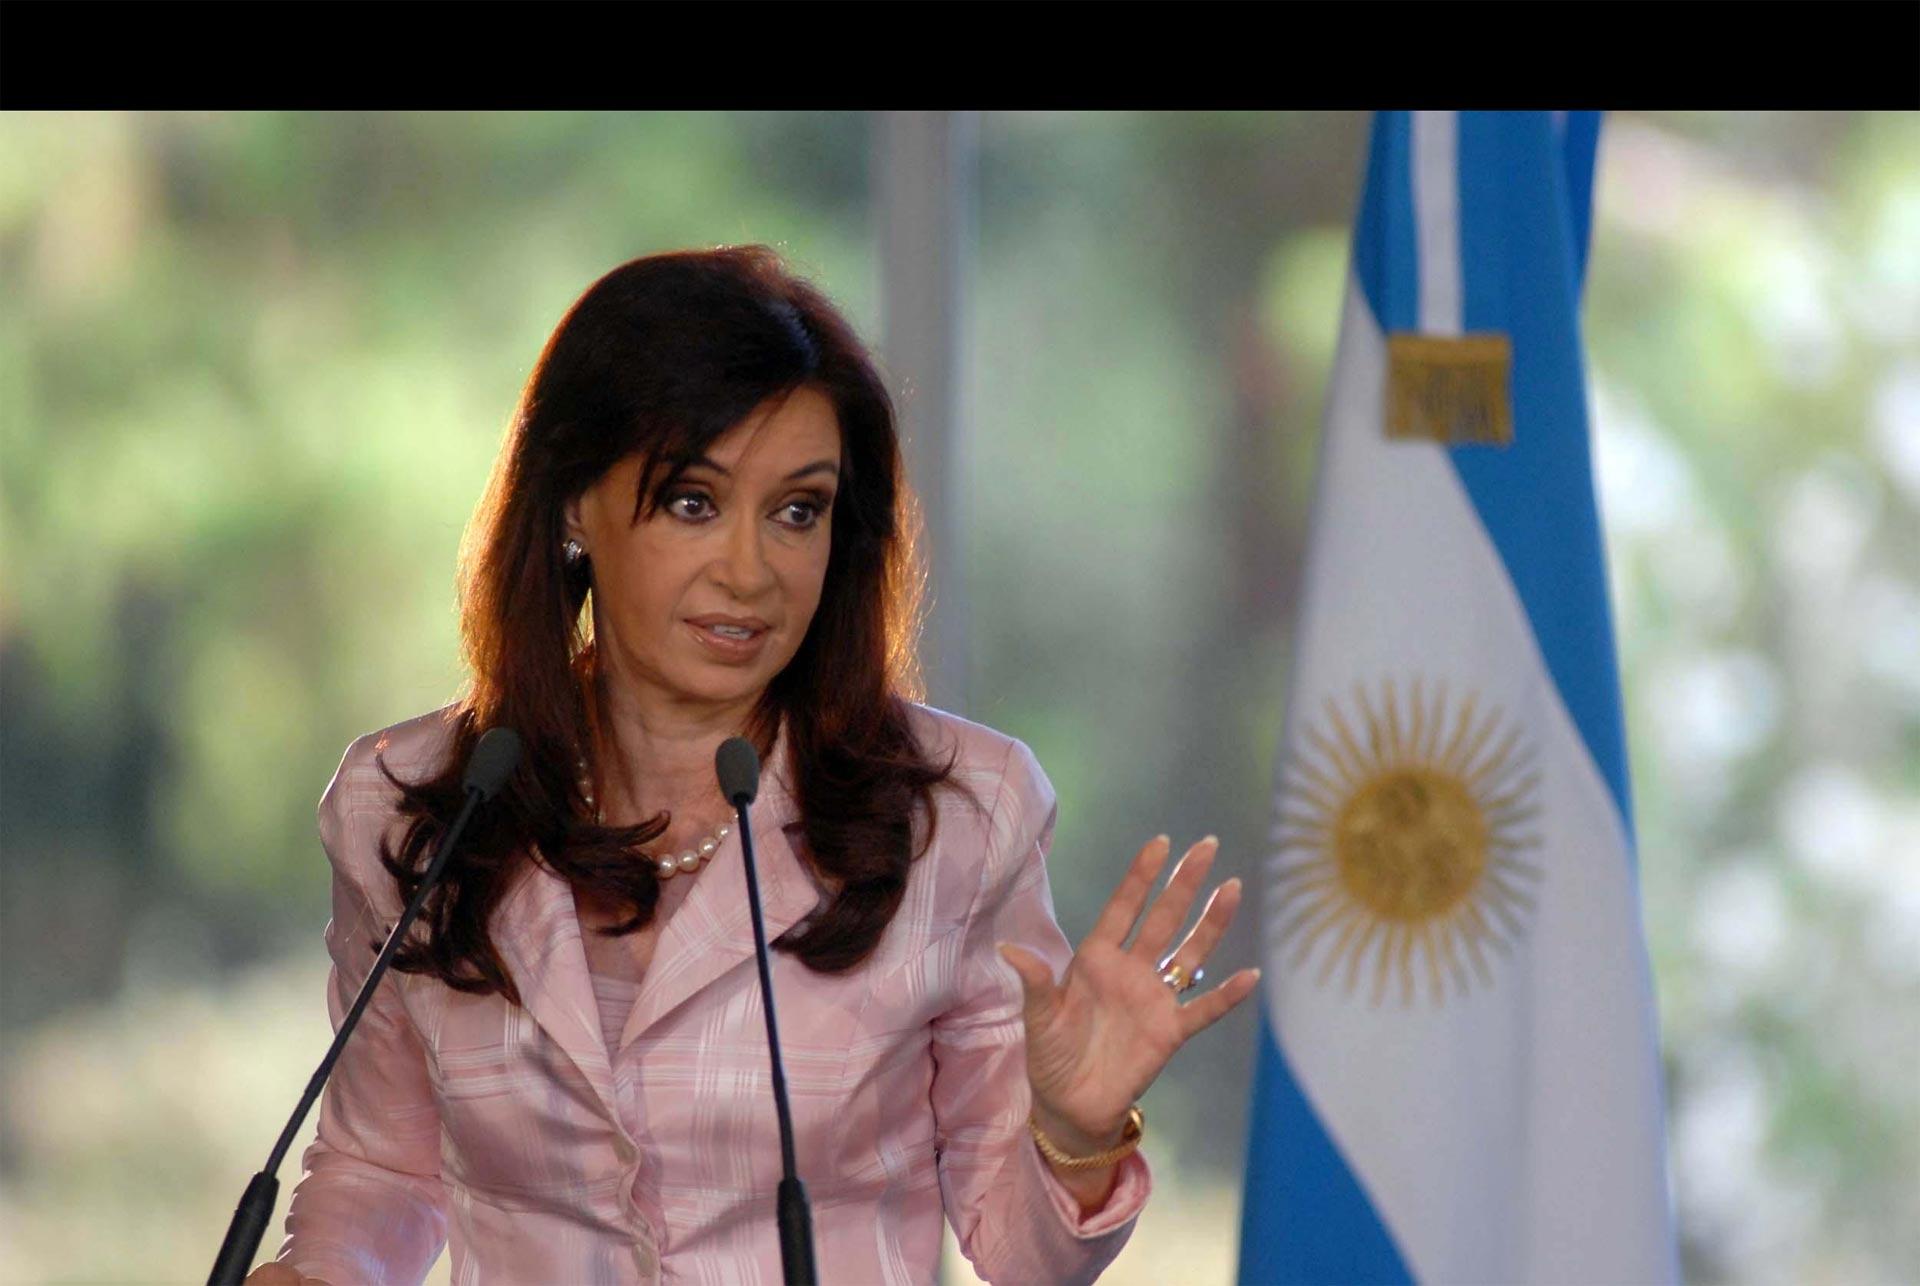 Vuelven a acusar de corrupción a de Kirchner